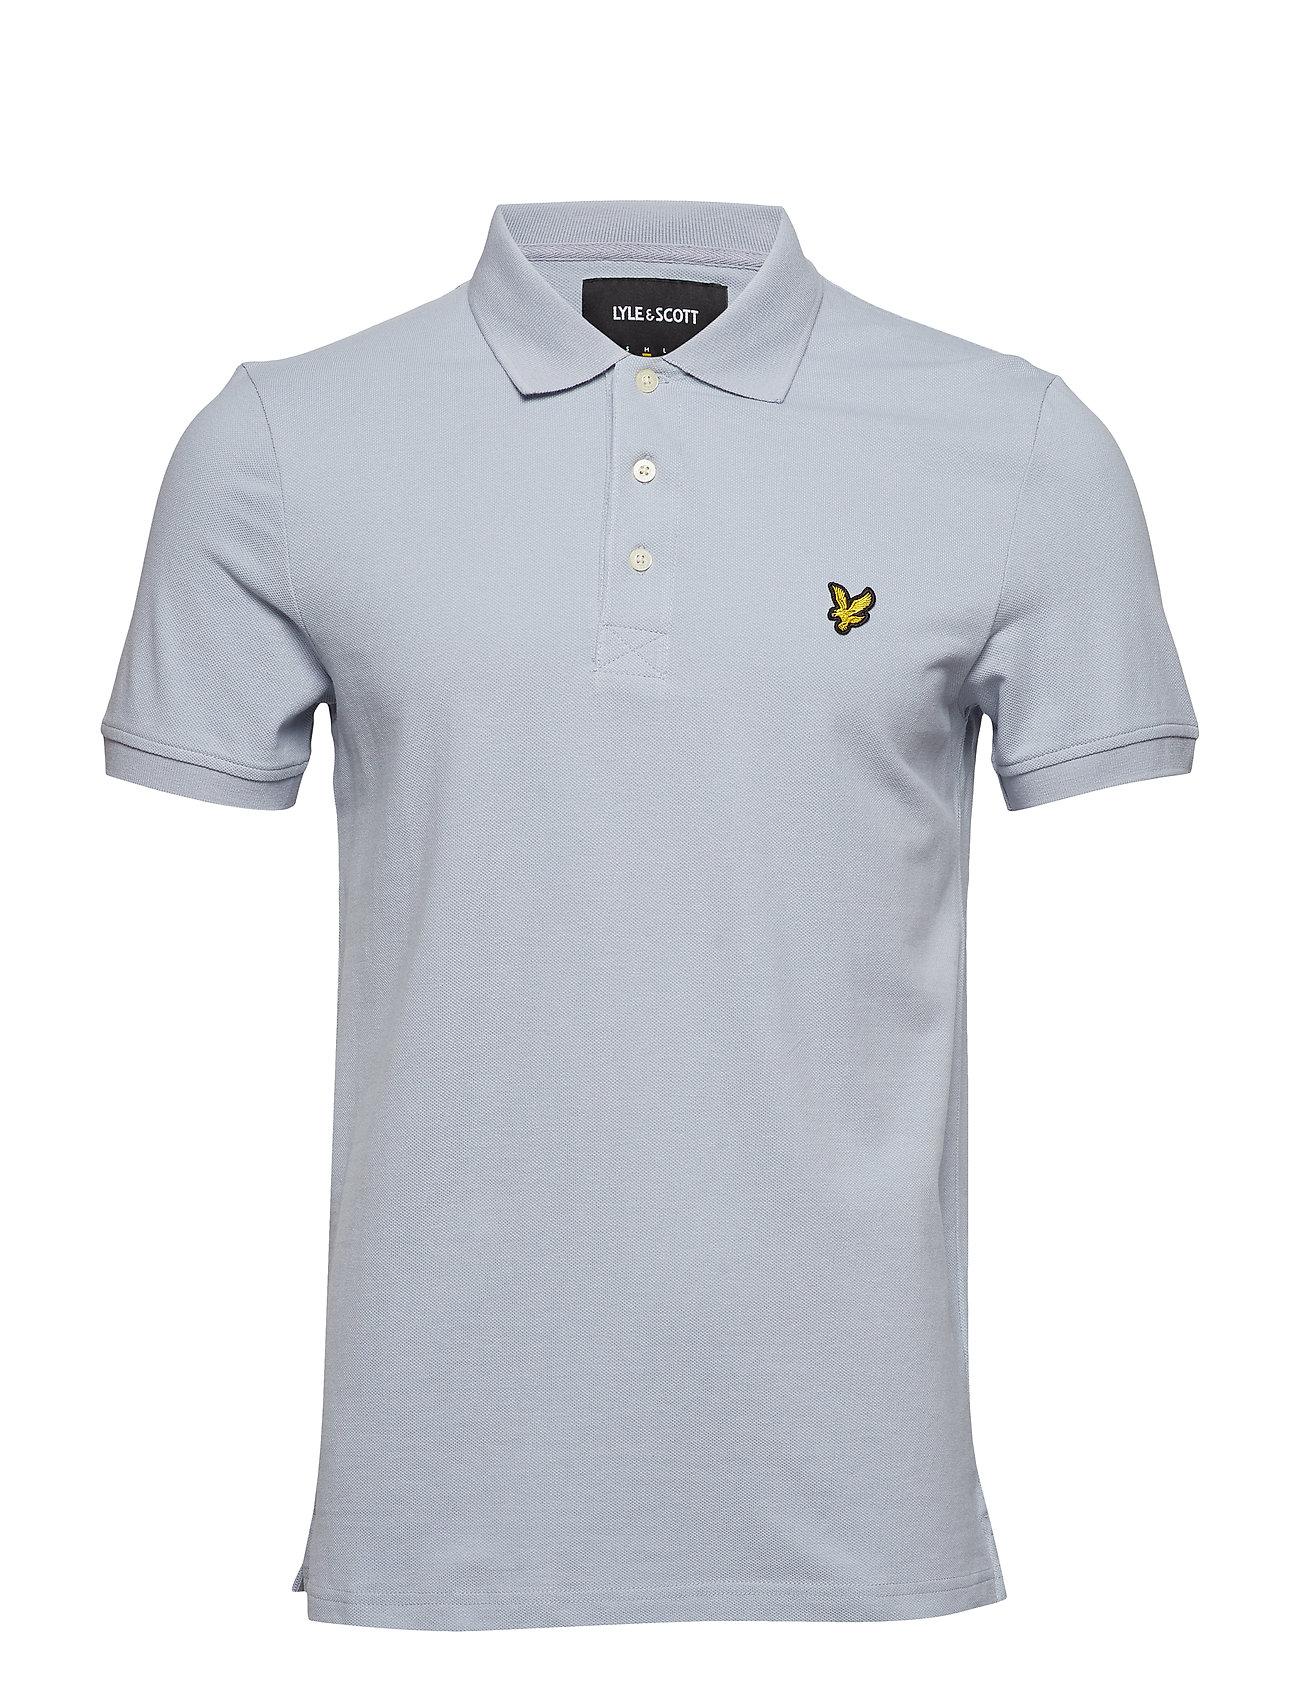 cb341f0ca04a Tröjor och skjortor på rea till man kvinna och barn online